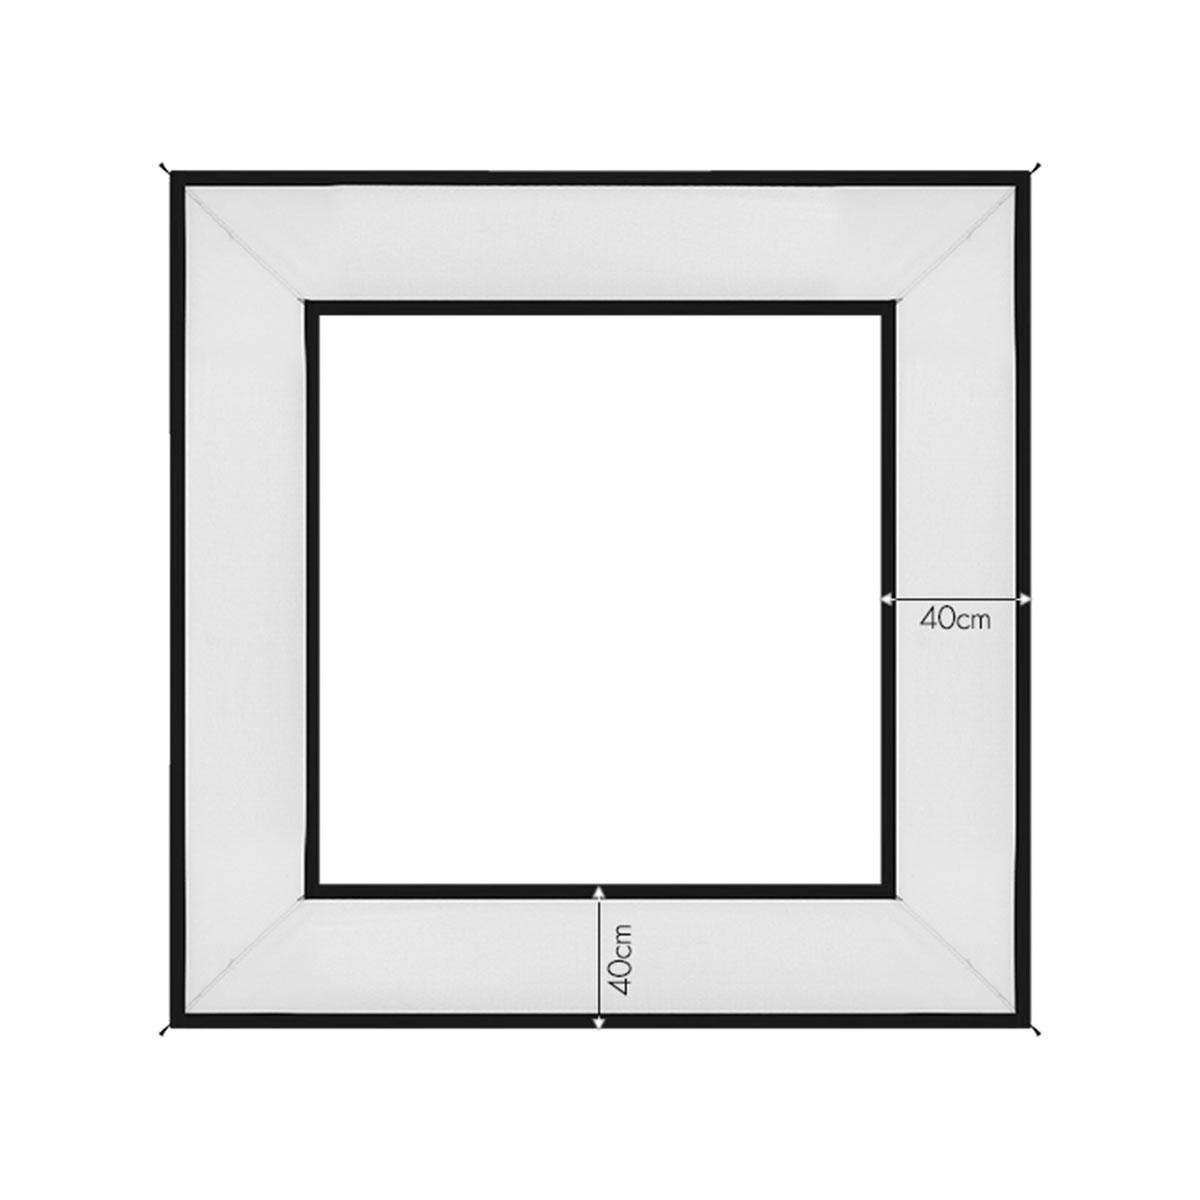 〈1年保証〉タープテント専用メッシュルーフ棚 タープテント専用メッシュルーフ棚 3.0m/2.5m/2.2m/2.0m/1.8m[送料無料]